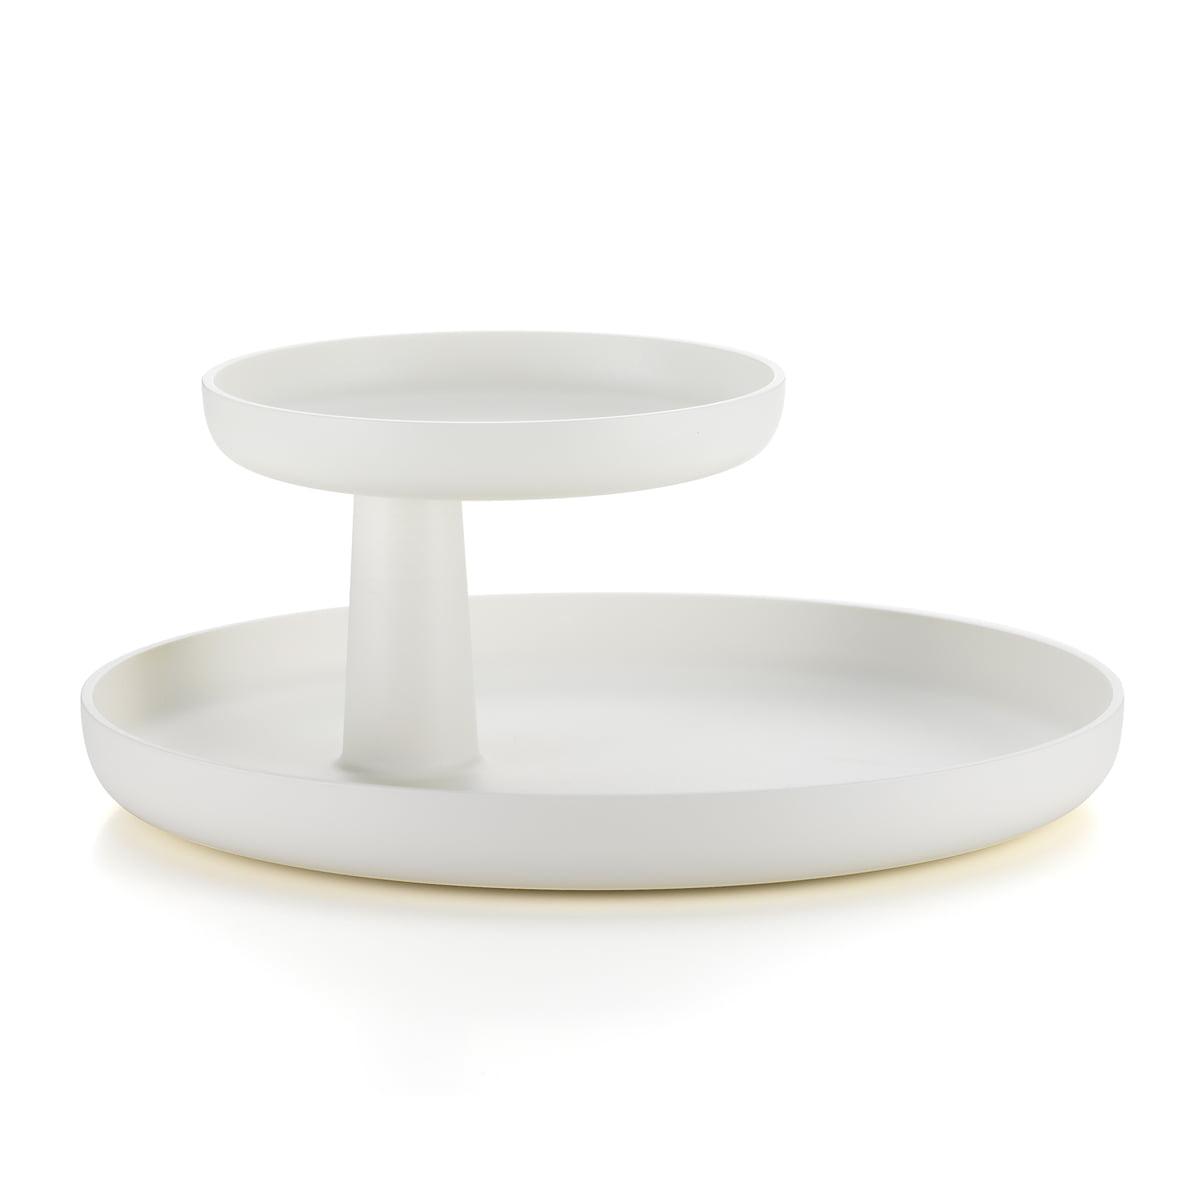 Vitra - Rotary Tray, weiß